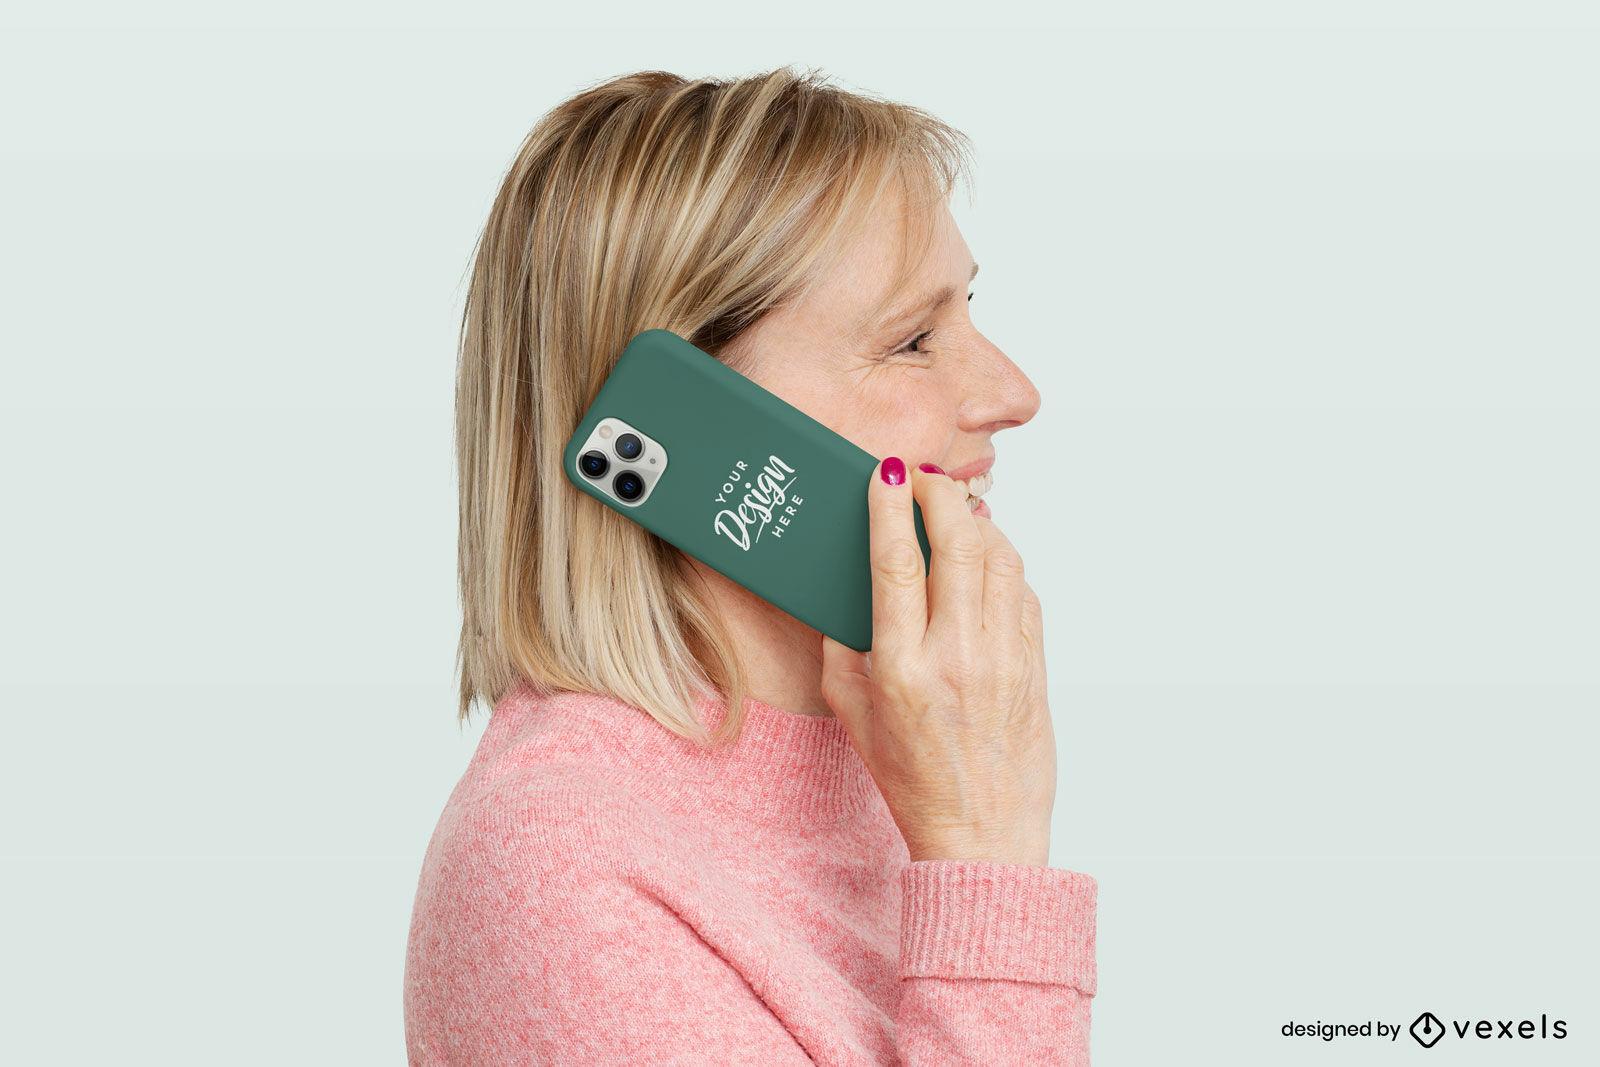 Maqueta de caja de tel?fono verde y mujer